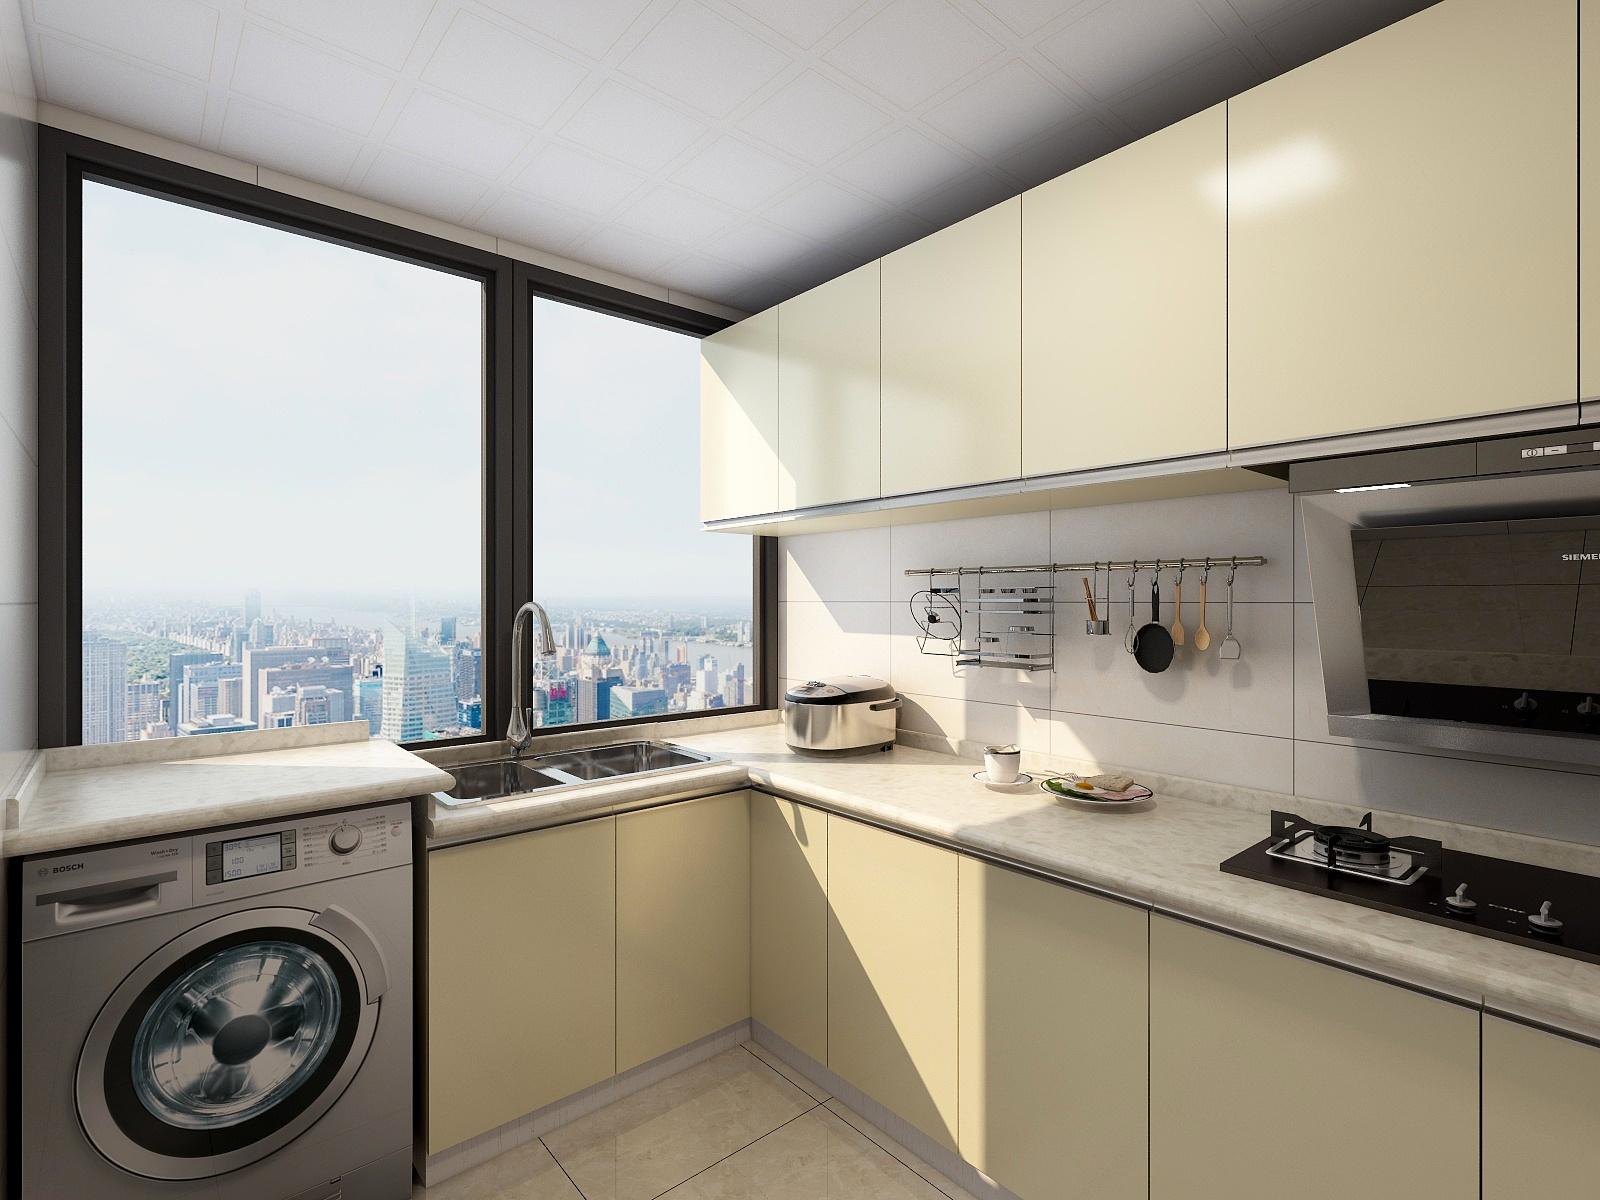 90平混搭风格厨房装修效果图